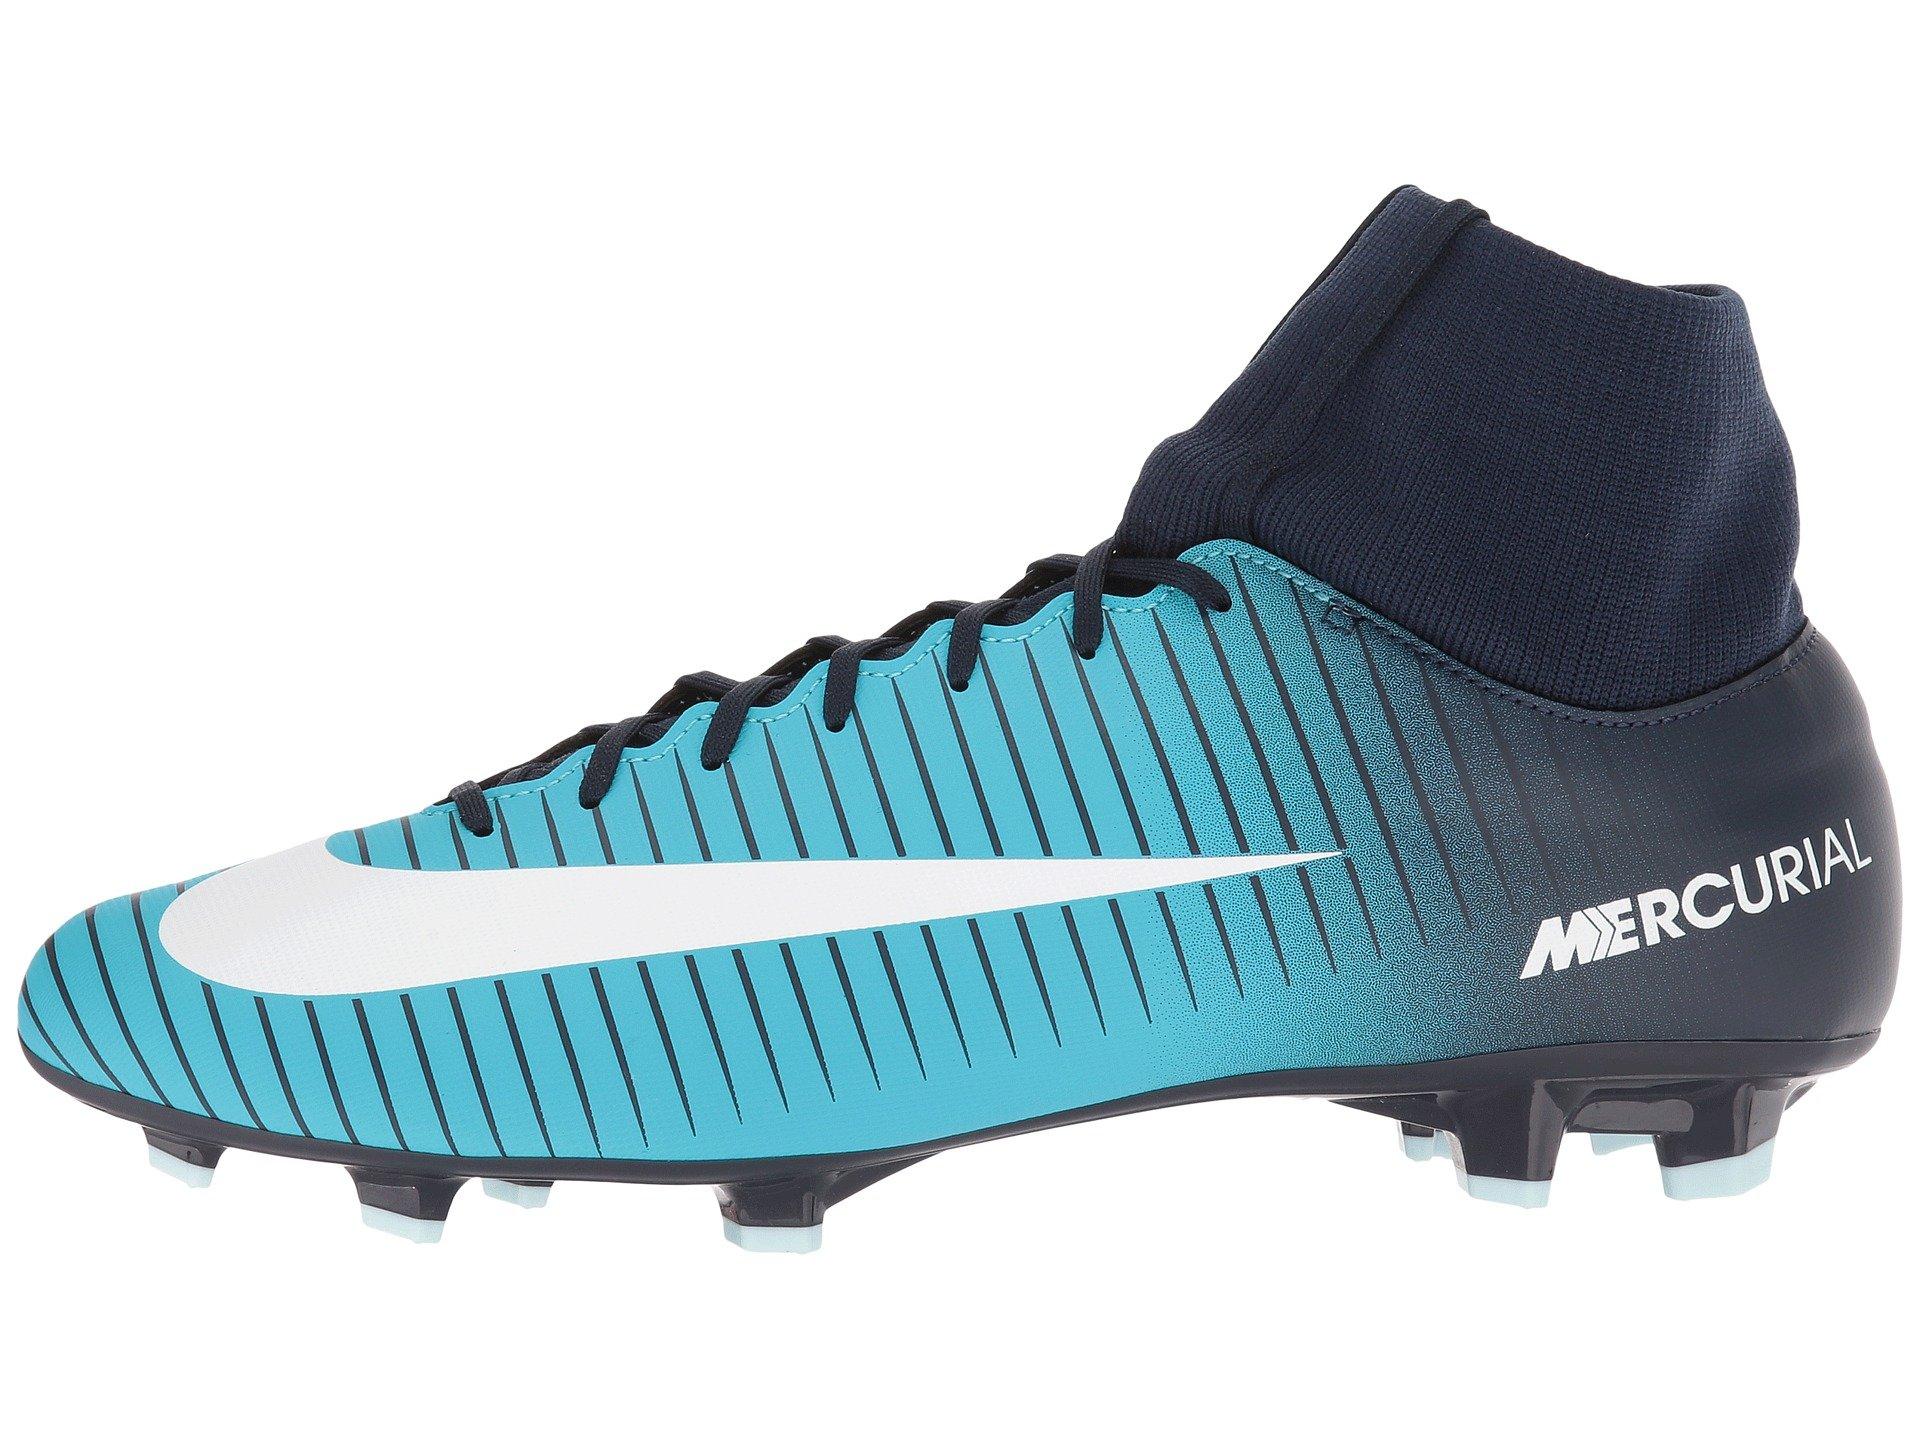 d71dffa789 Womens Nike Mercurial Victory Vi Dynamic Fit Fg - Musée des ...